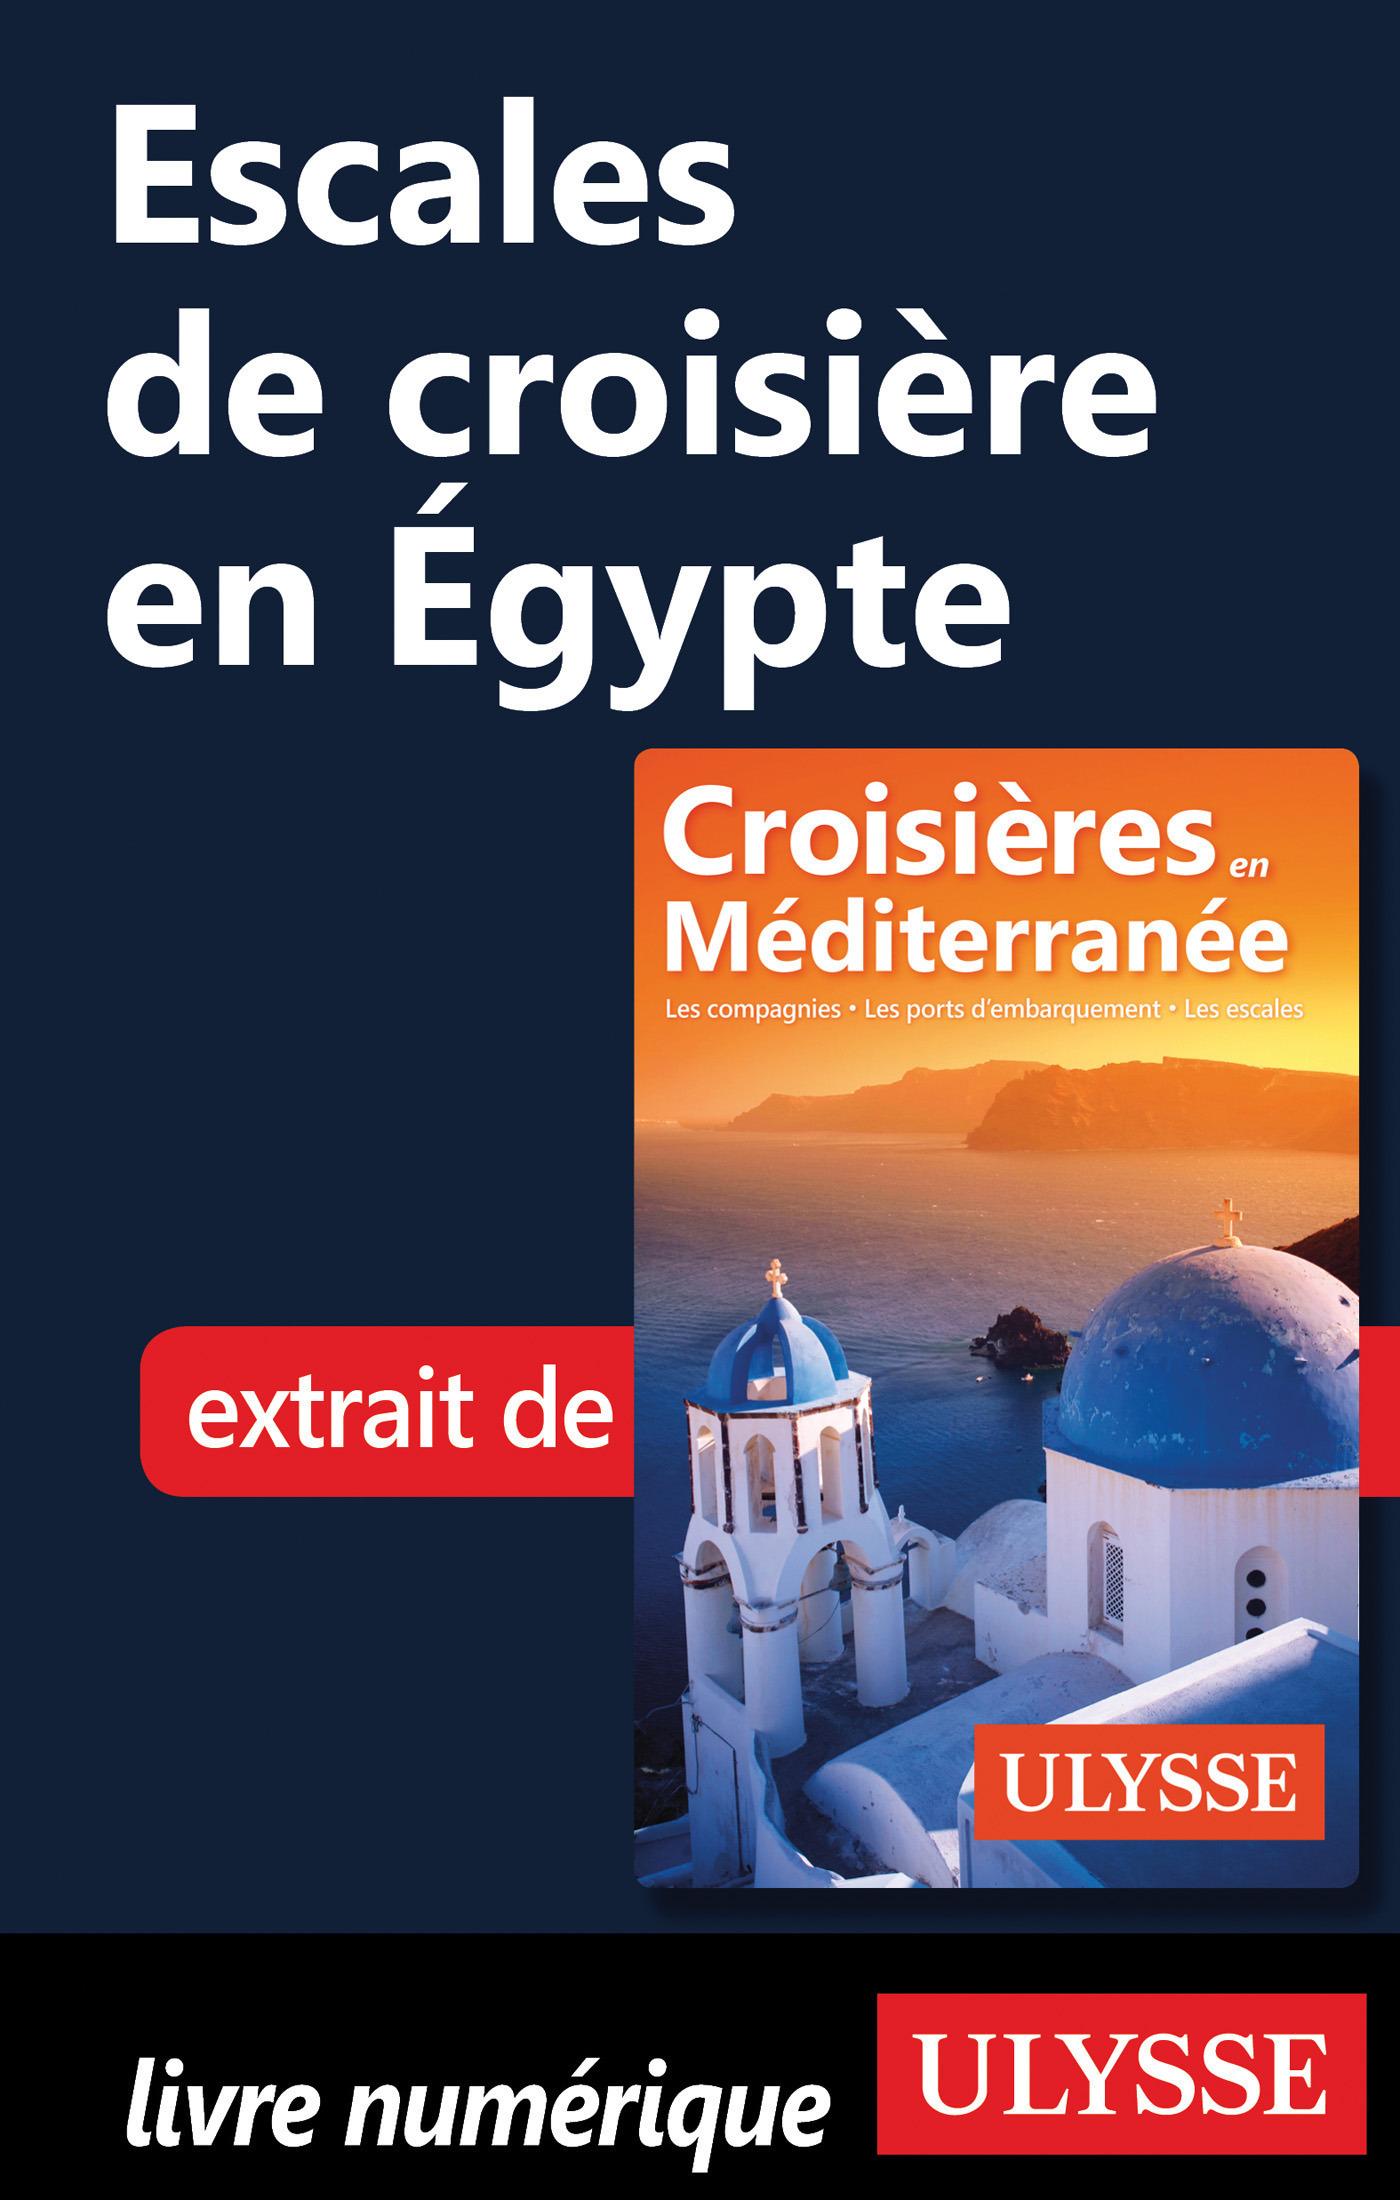 Escales de croisière en Egypte